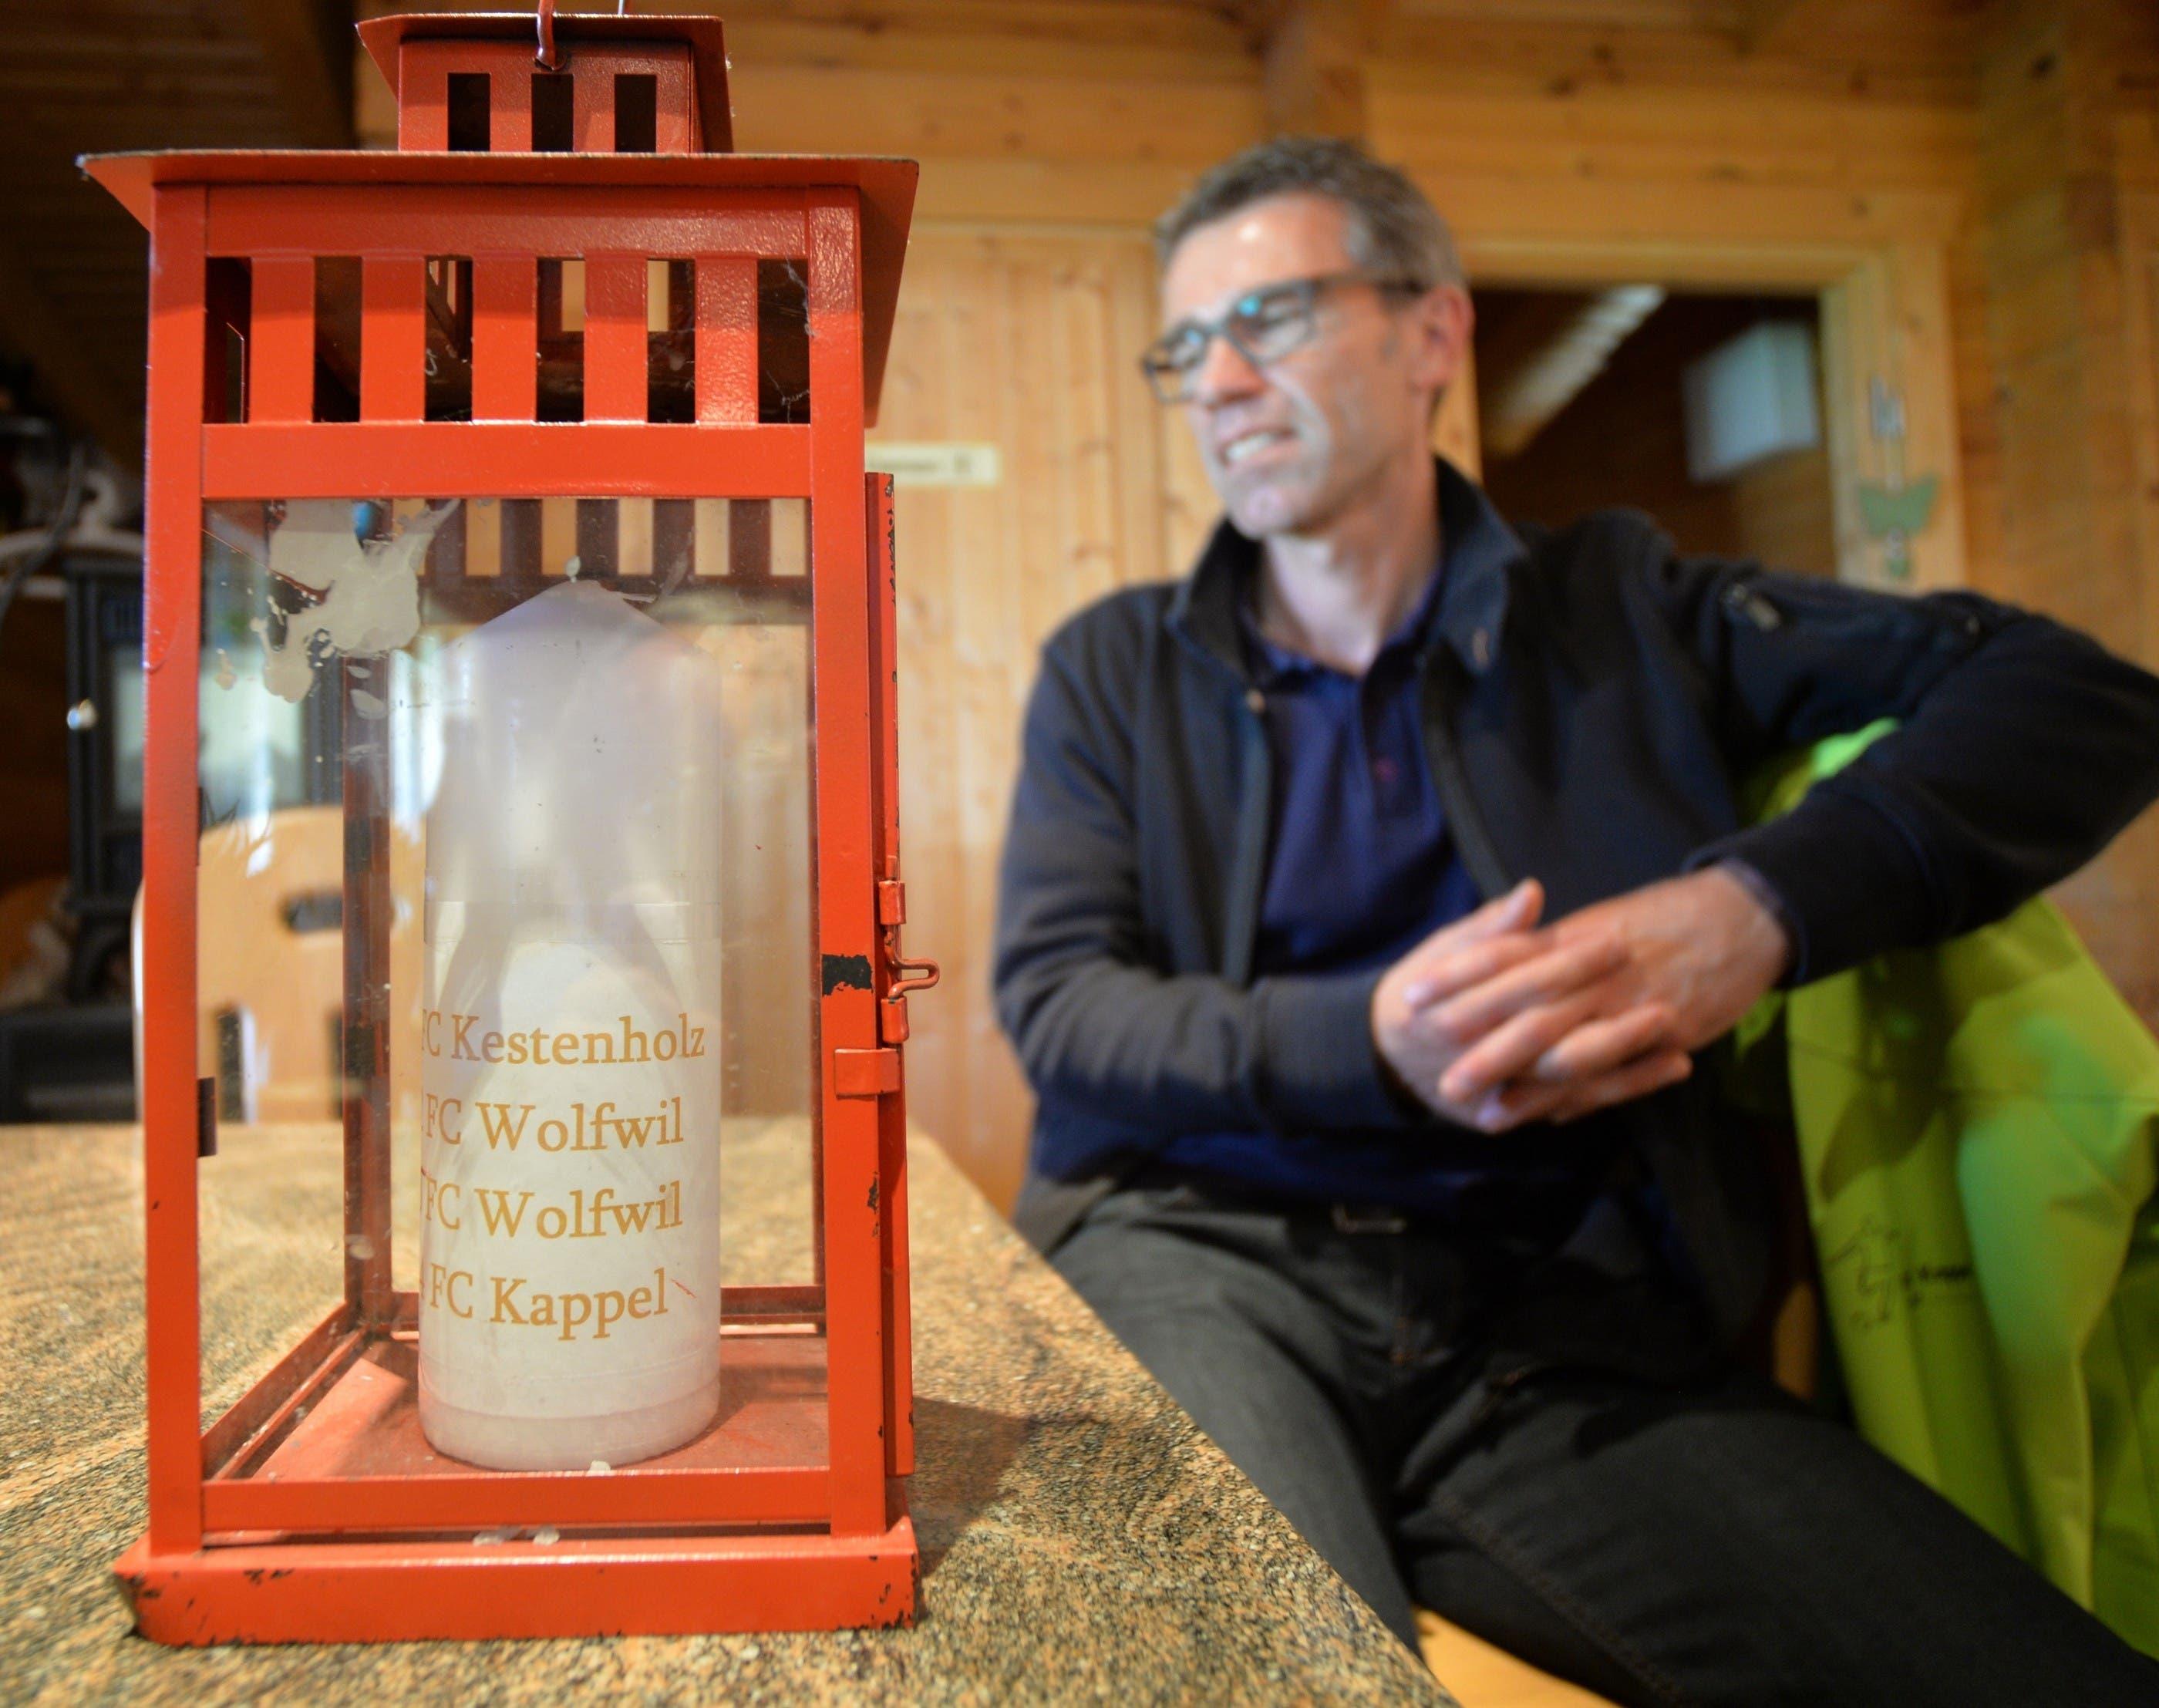 """Die sagenumwobene """"Rote Laterne"""" steht im Klubhaus des FC Kappel und bringt den Vereinspräsidenten Bruno Stalder zum Philosophieren."""